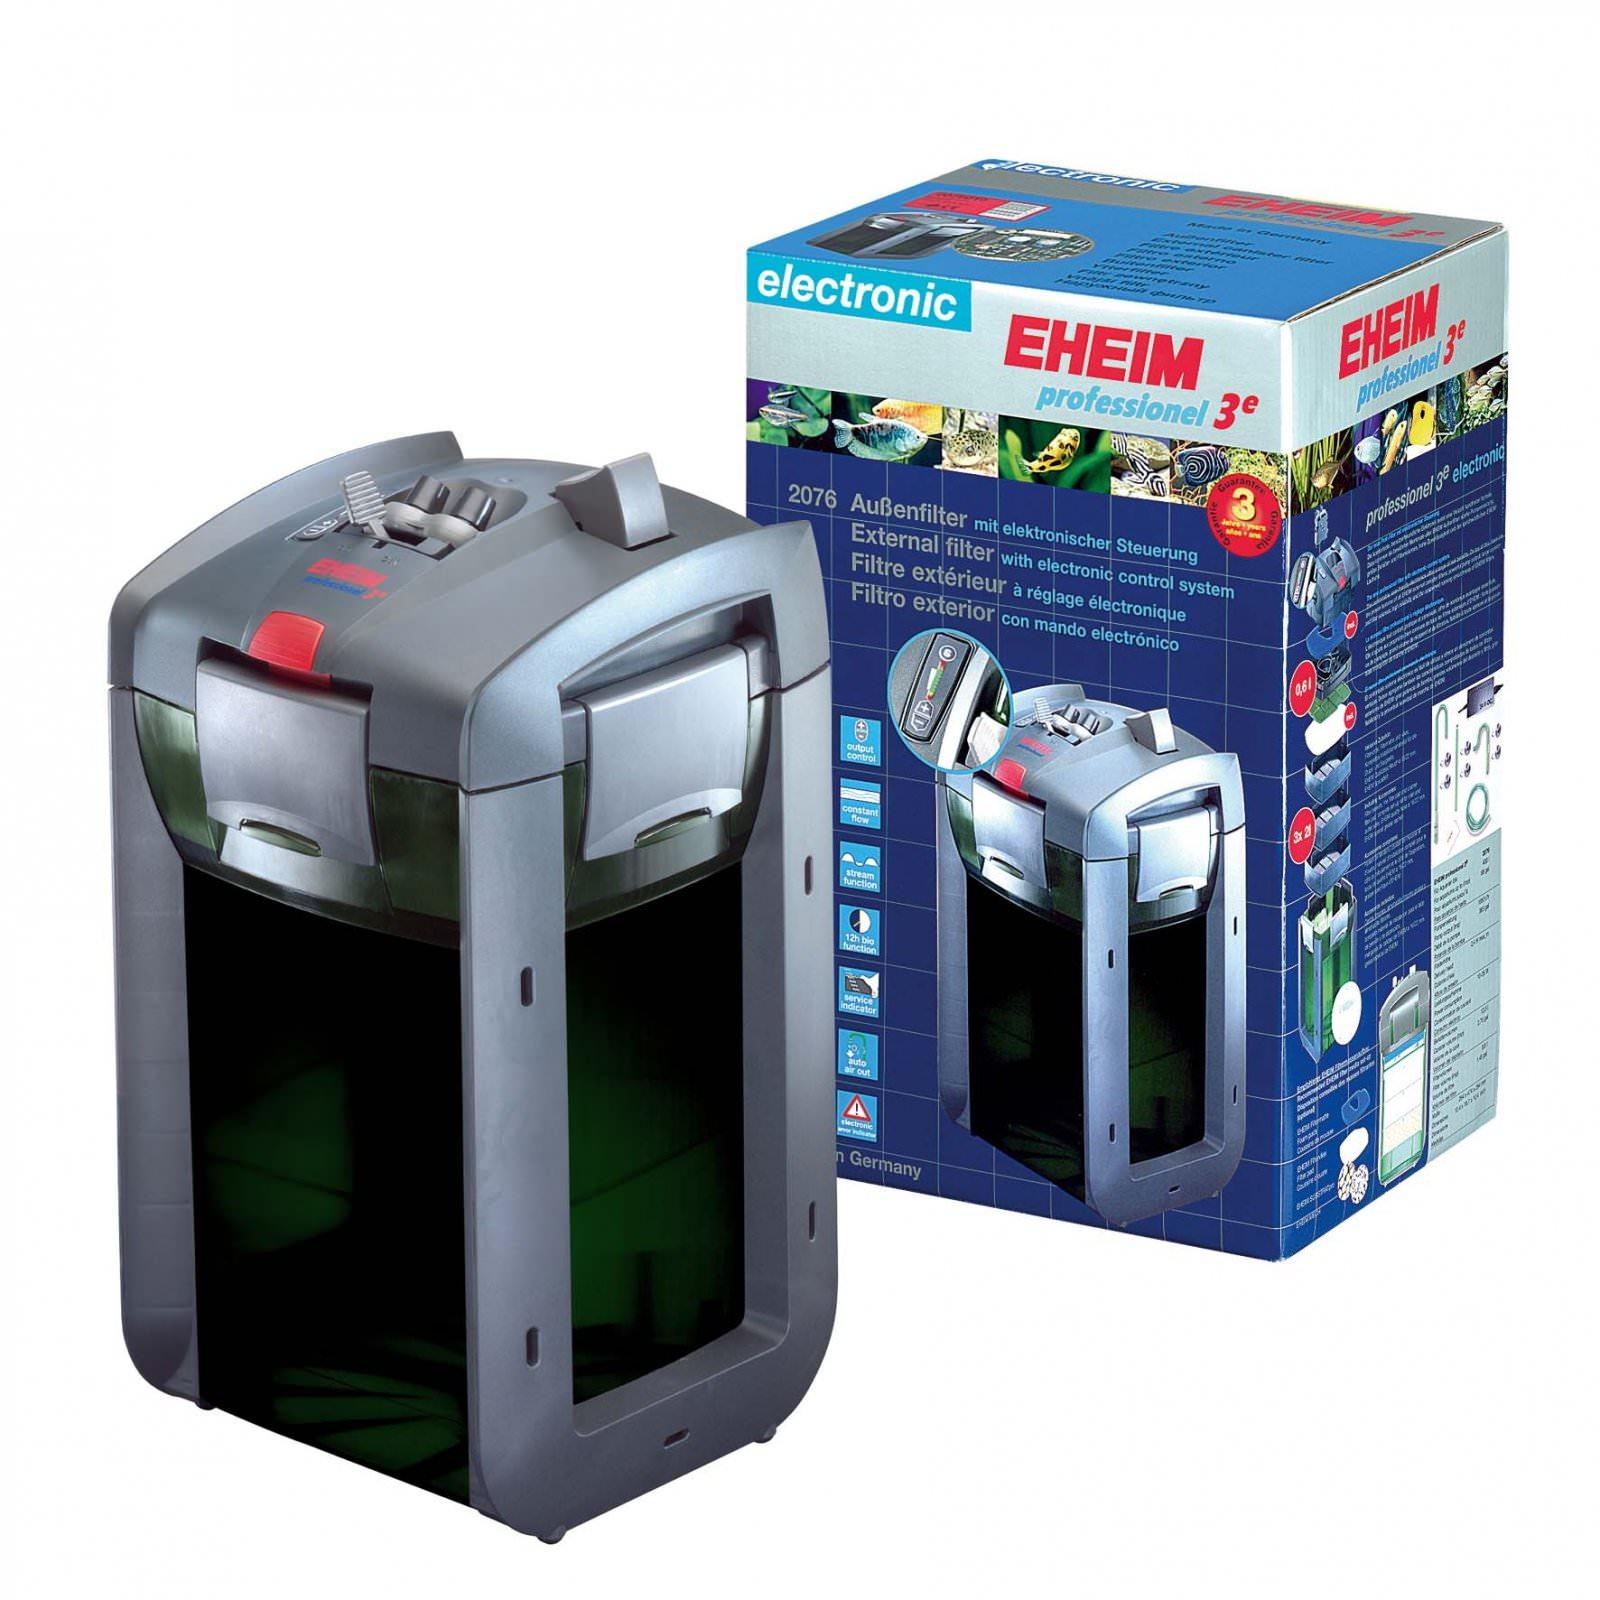 EHEIM 2076 Professionel 3e 450 filtre externe électronique pour aquarium jusqu\'à 400L